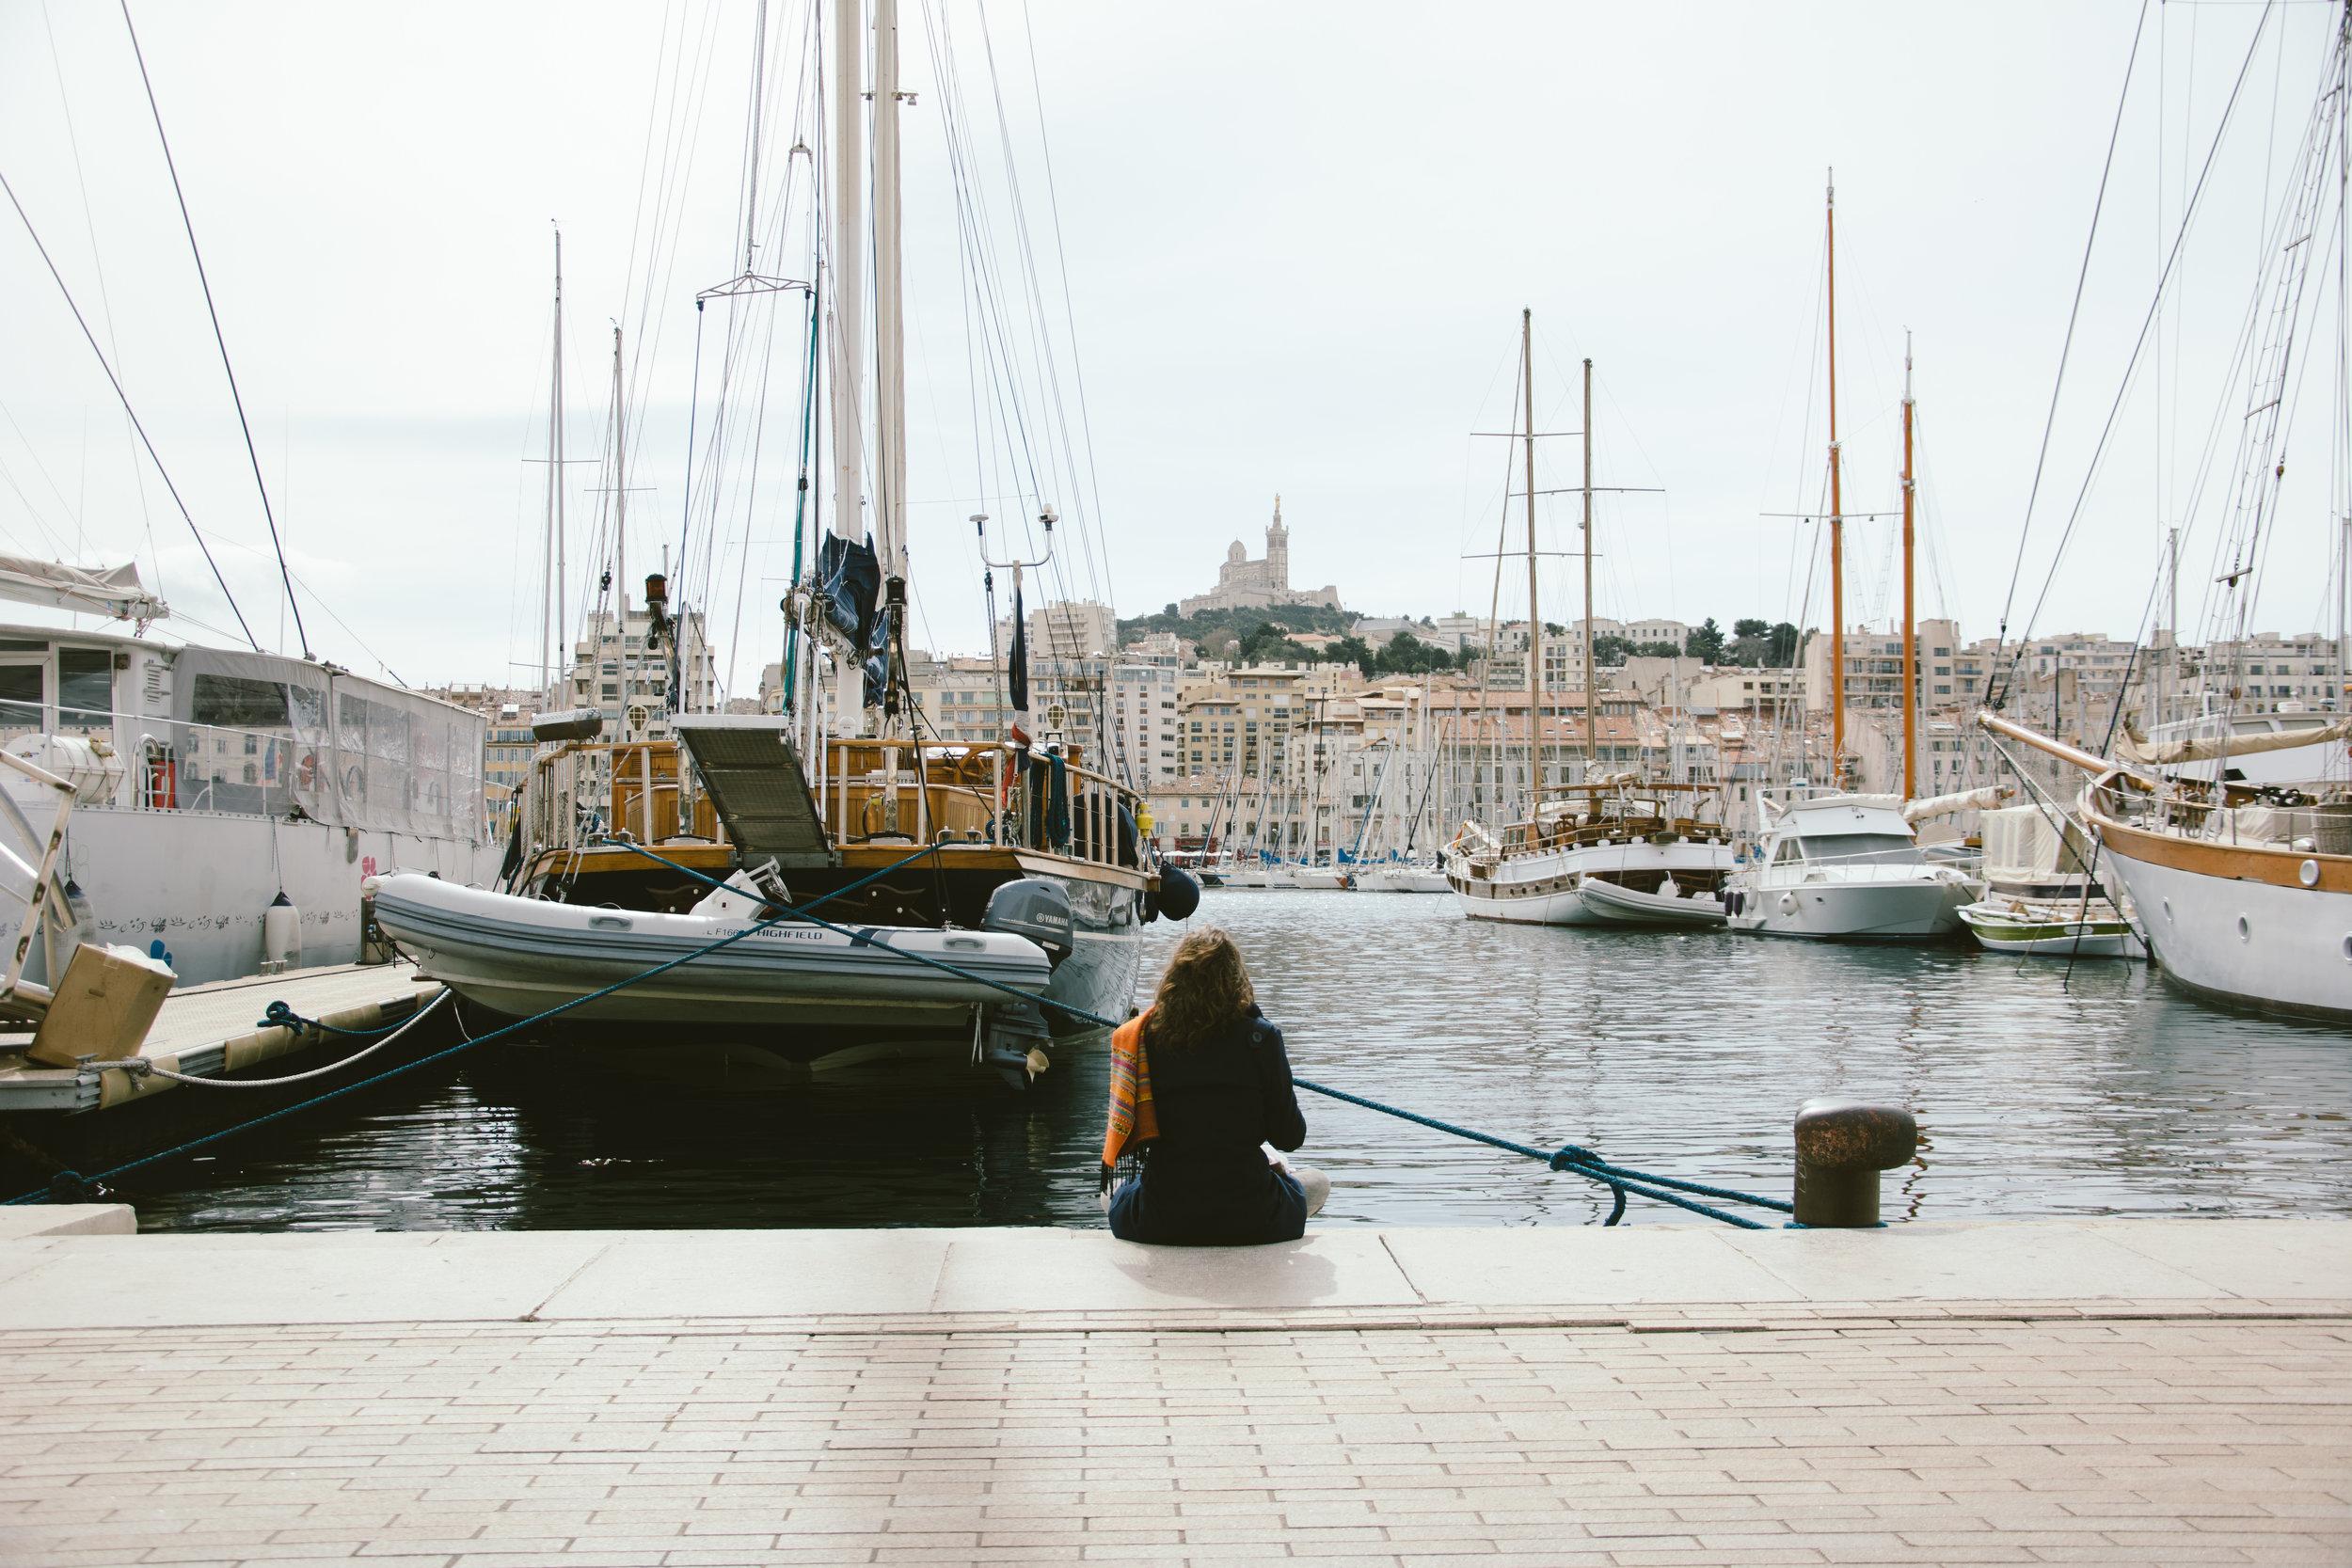 Marseille, France. 2017